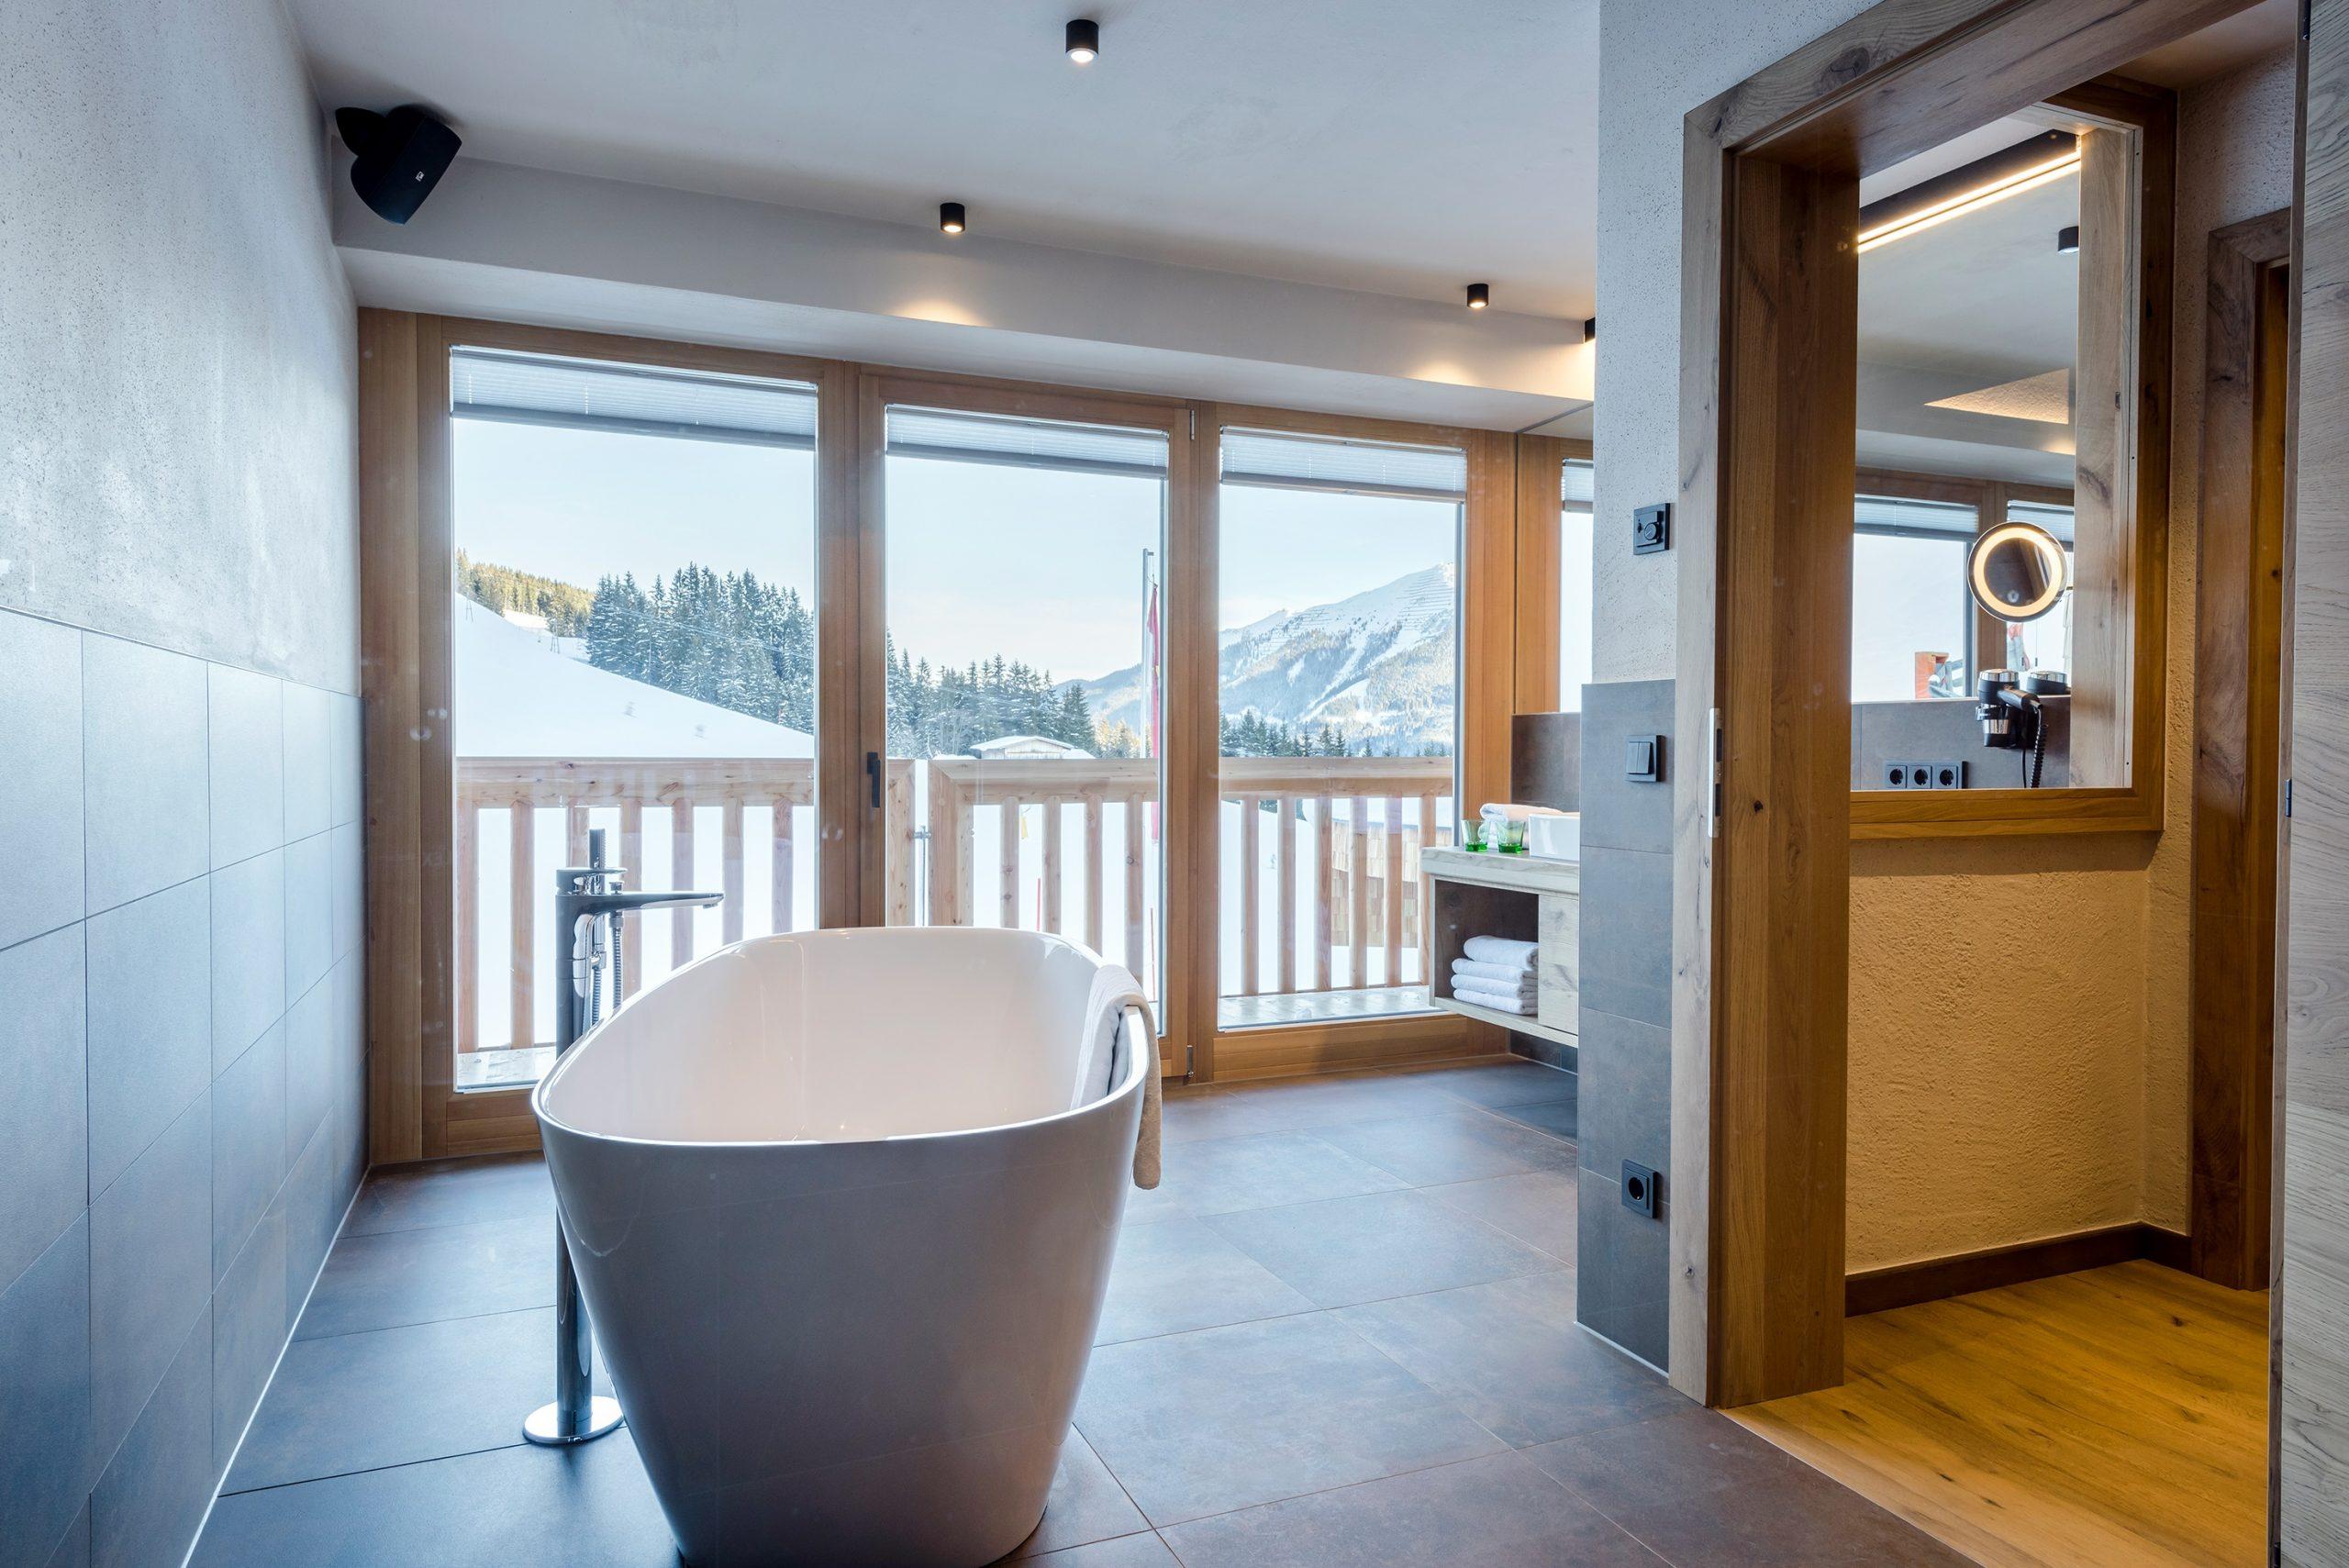 Appartement mit Badewanne